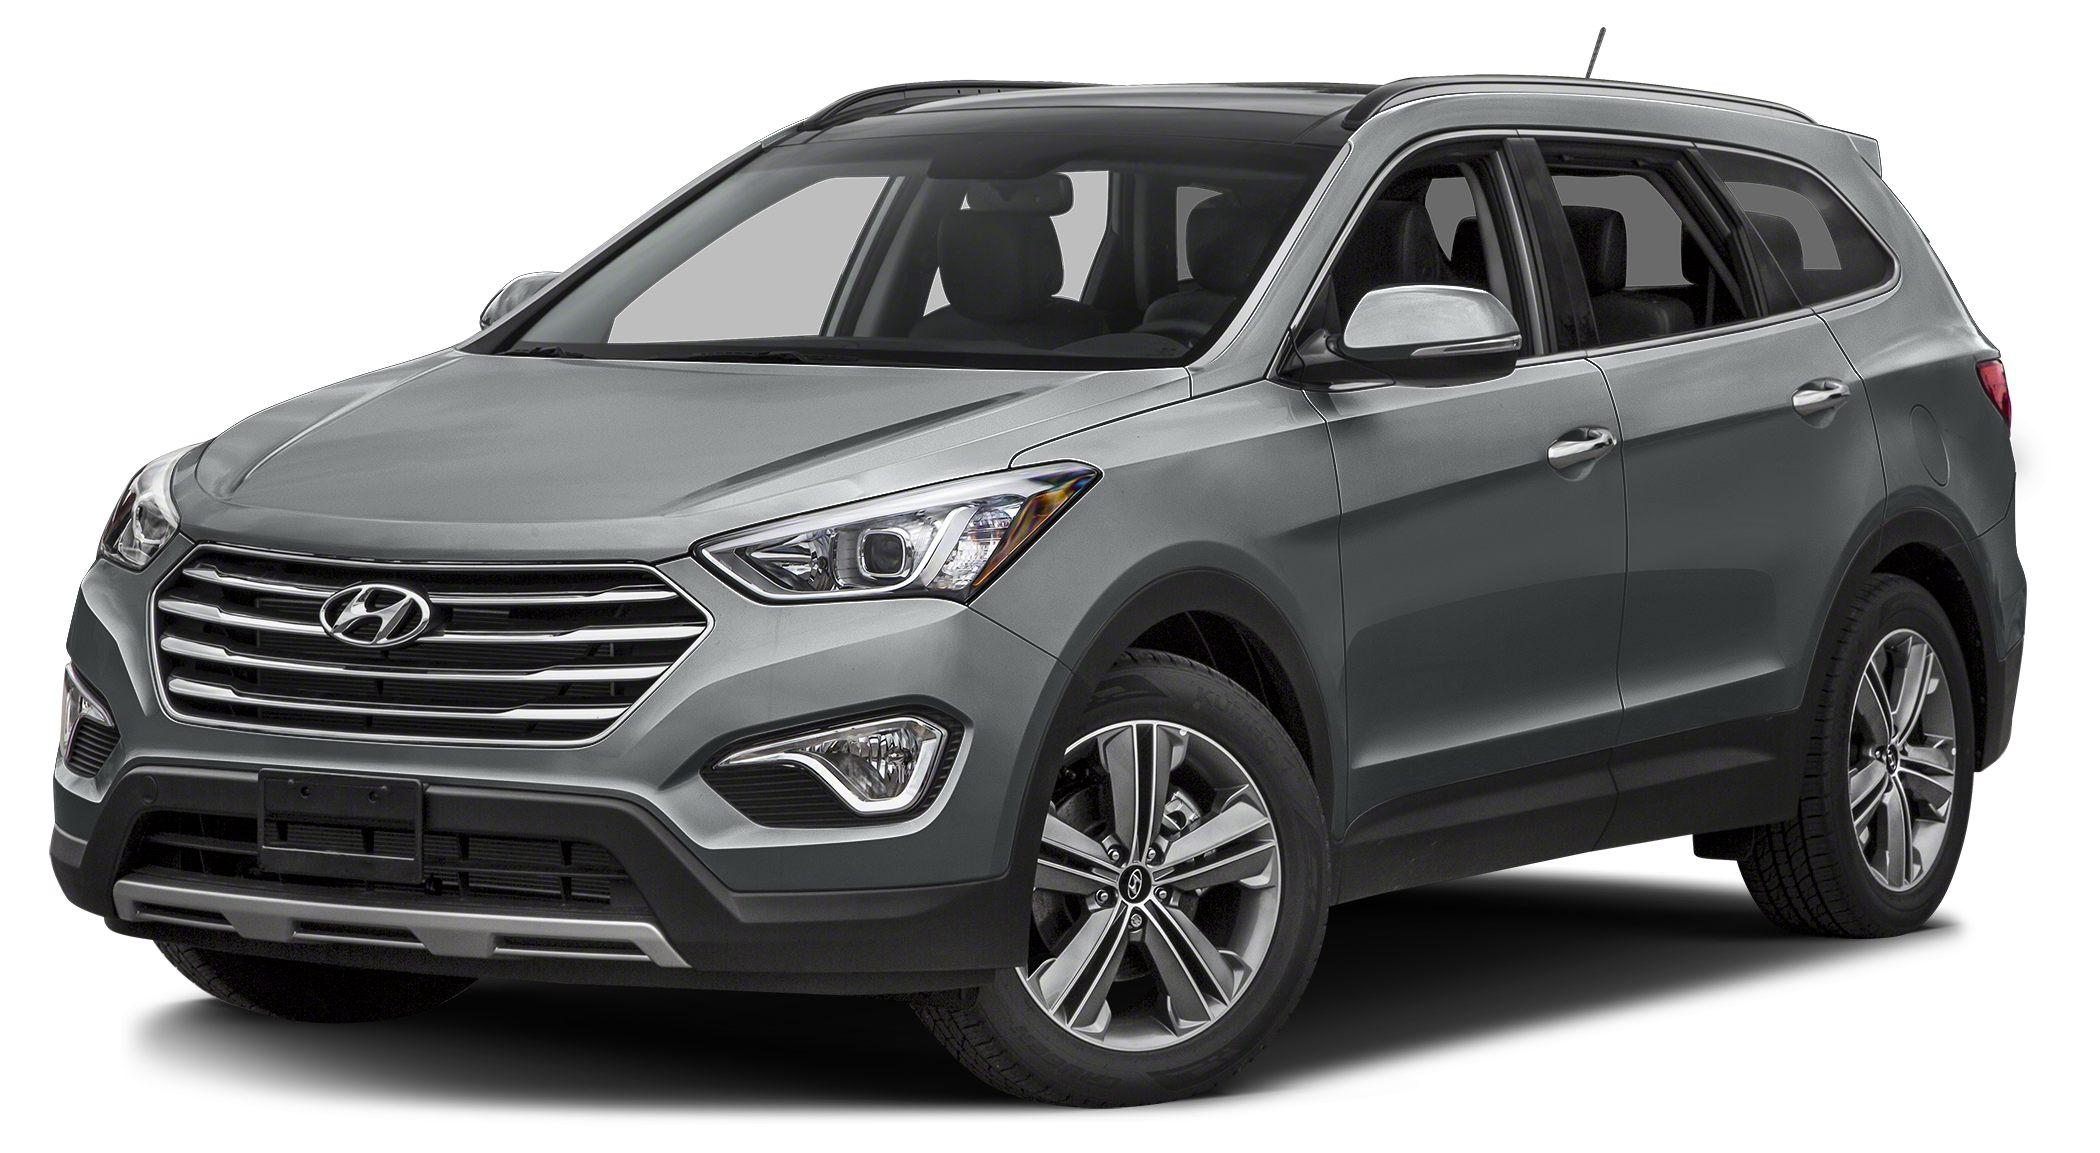 2016 Hyundai Santa Fe Limited HYUNDAI CERTIFIED -ULTIMATE PKG -NAVIGATION-PANOROOF Just 8k miles -